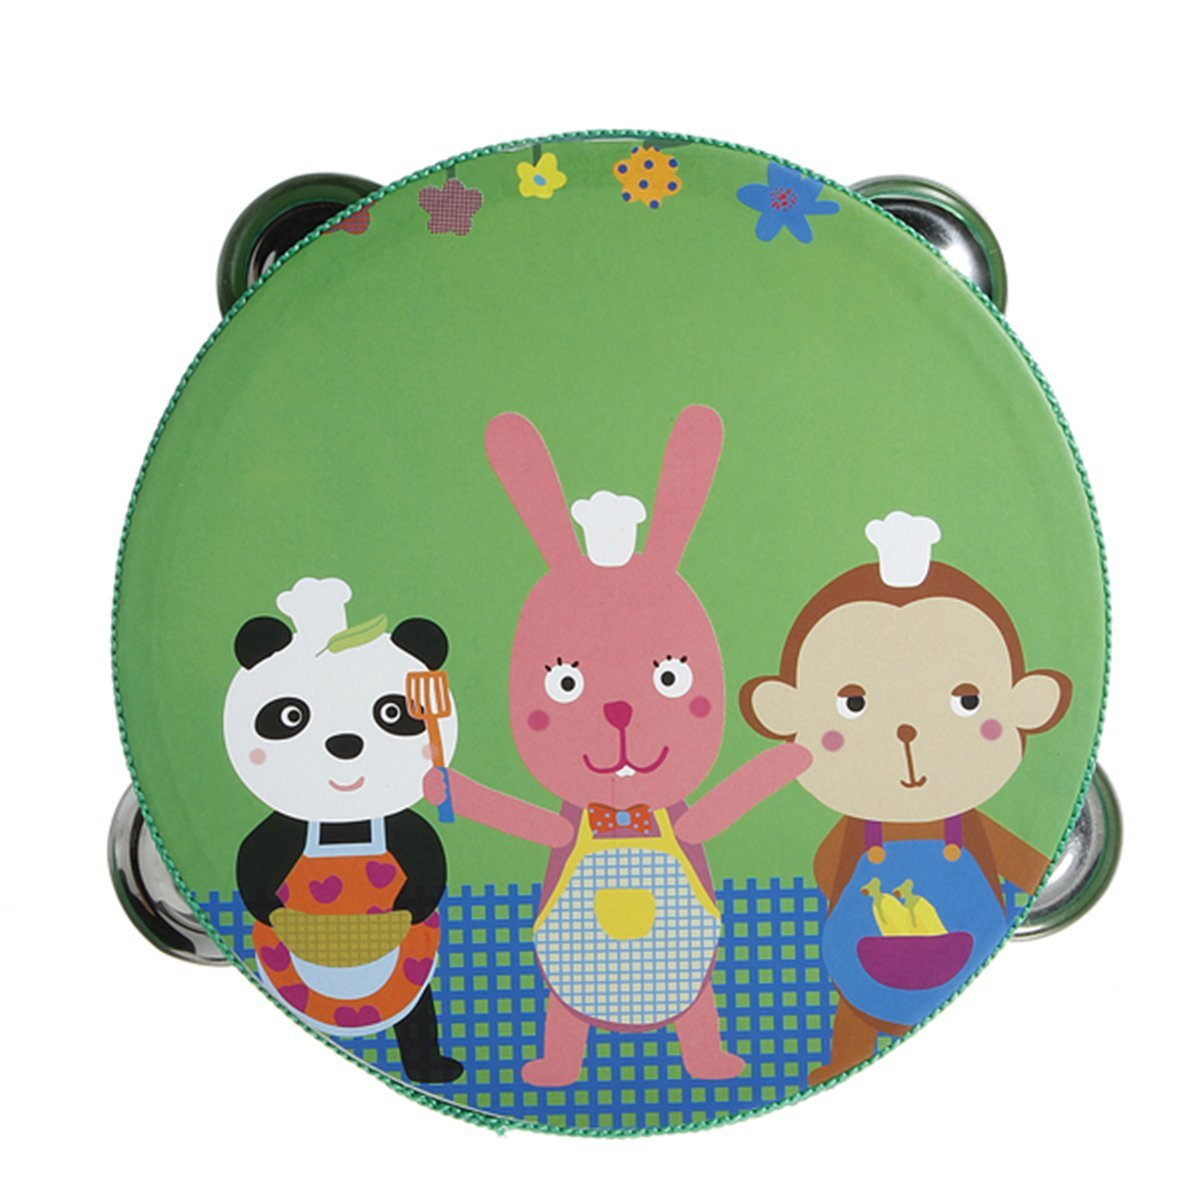 SODIAL(R) Tambourin tambour avec cloche Jingles metal en Motif bande dessinee coloree Percussion en bois jouet musical pour 050301